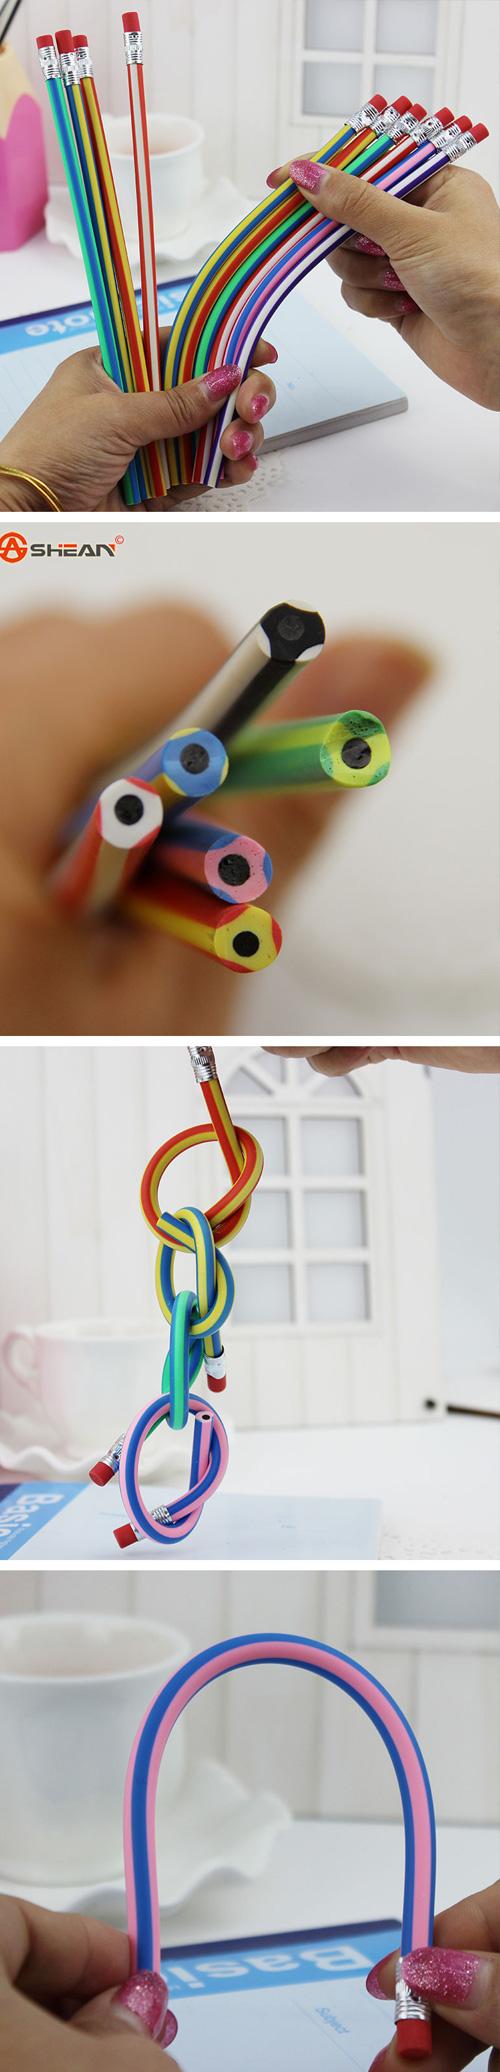 Прикольные мягкие карандаши для школы